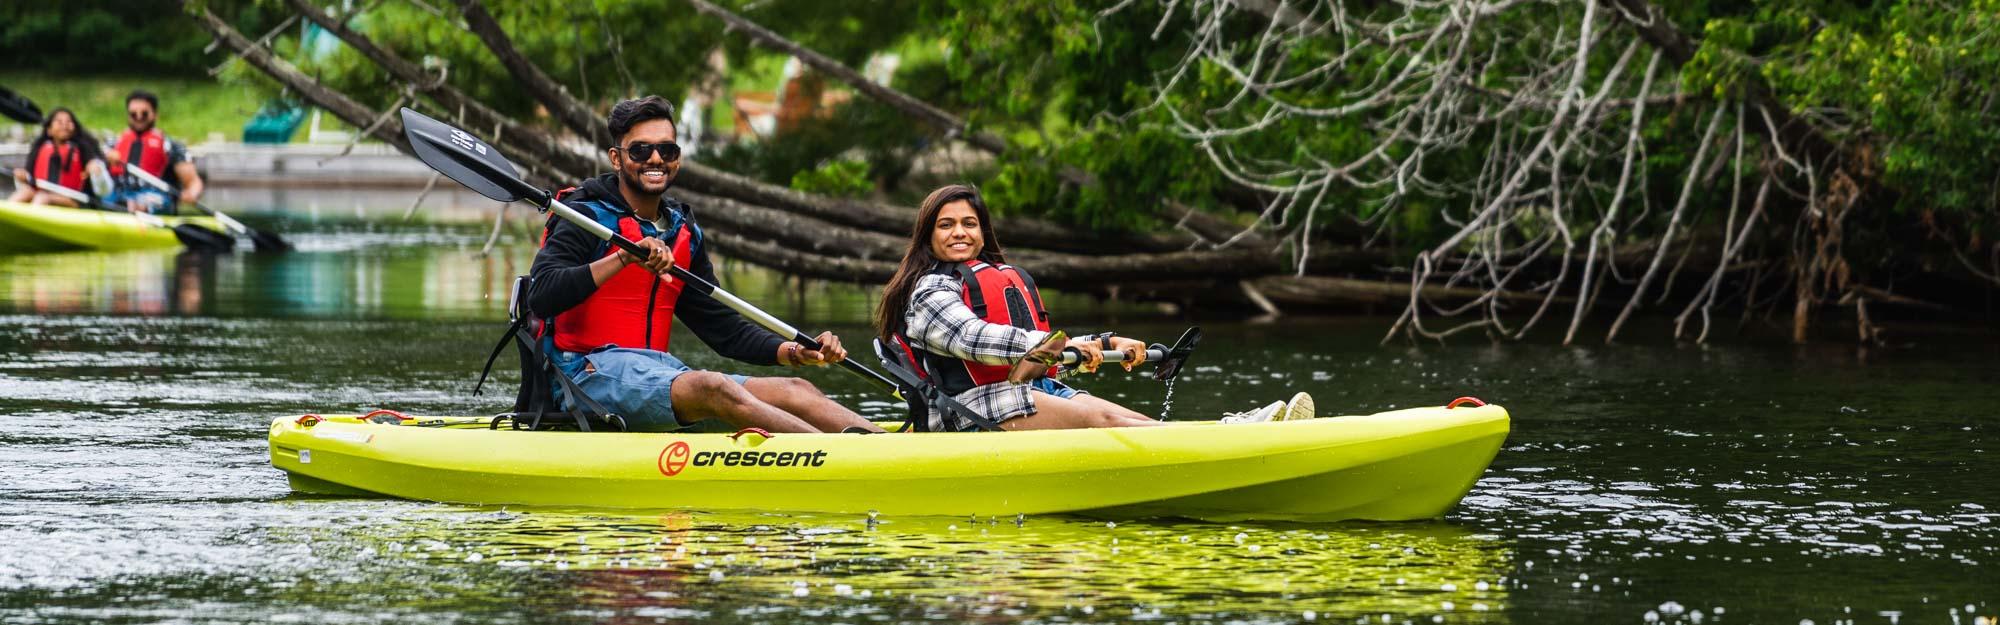 Muskoka Kayaking Adventure